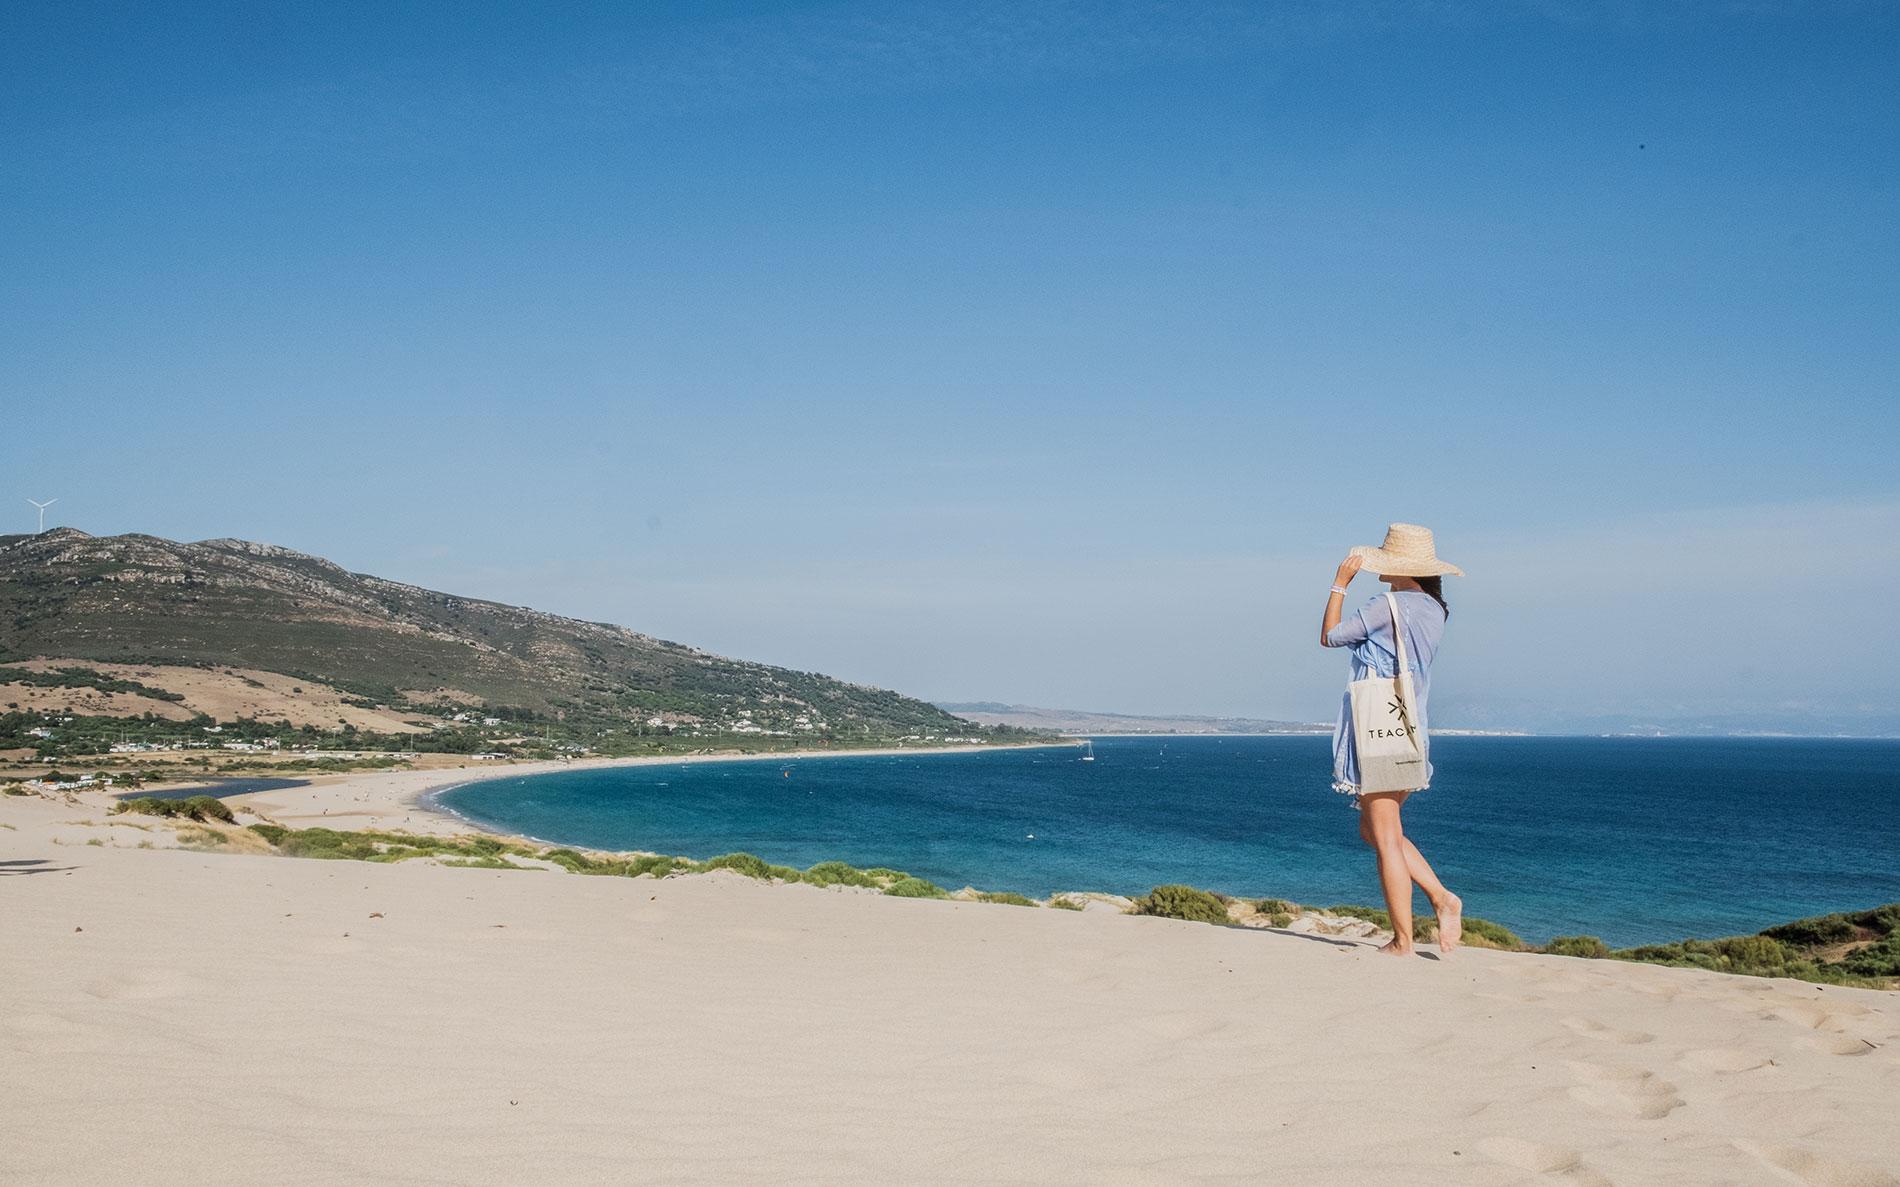 Duna de Punta Paloma en playa de Valdevaqueros, Tarifa. Vive la experiencia Glamping con TEACAMPA